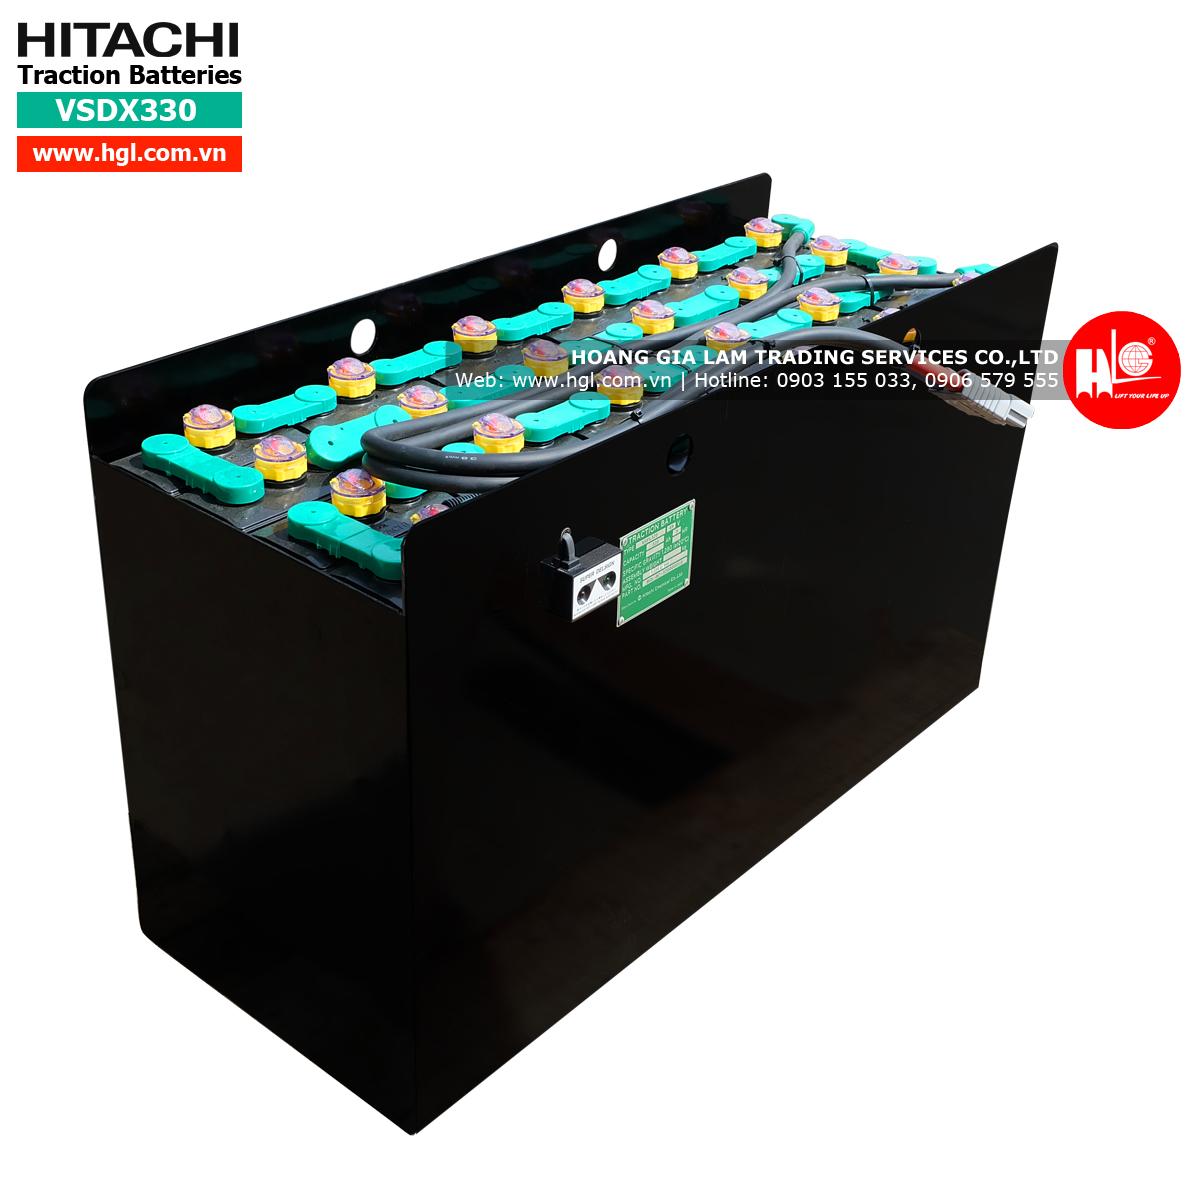 binh-dien-xe-nang-hitachi-330ah-VSDX330-1